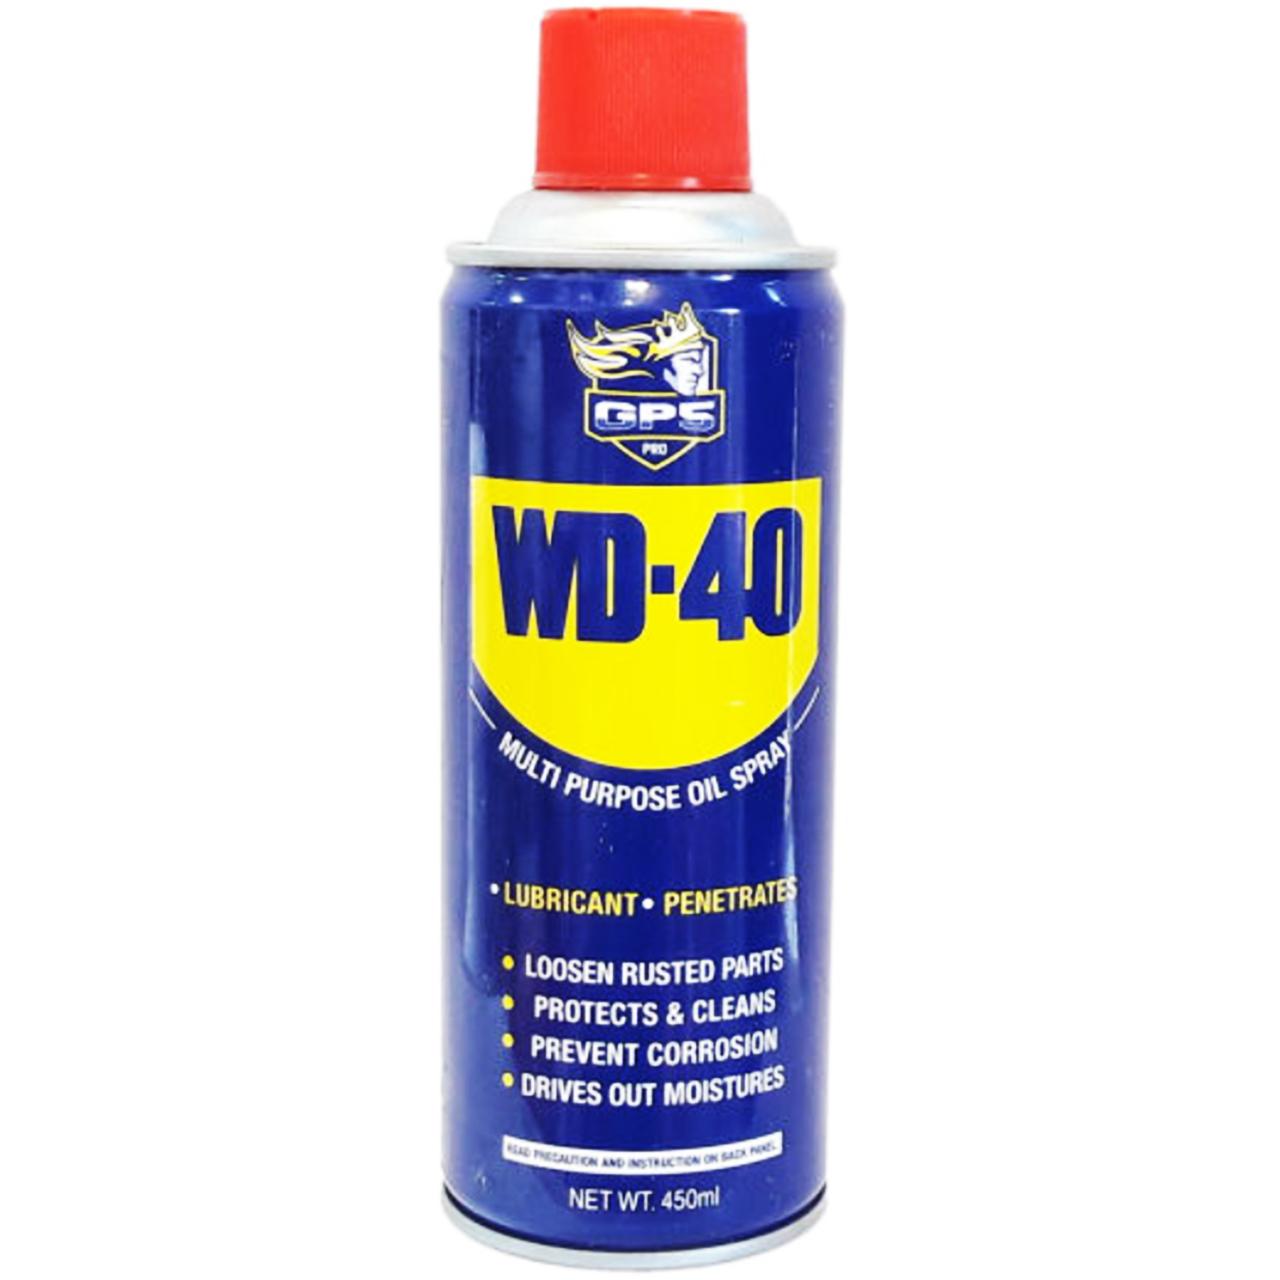 اسپری روان کننده جی پی اس گل پخش مدل WD-40 حجم 450 میلی لیتر              خرید و قیمت